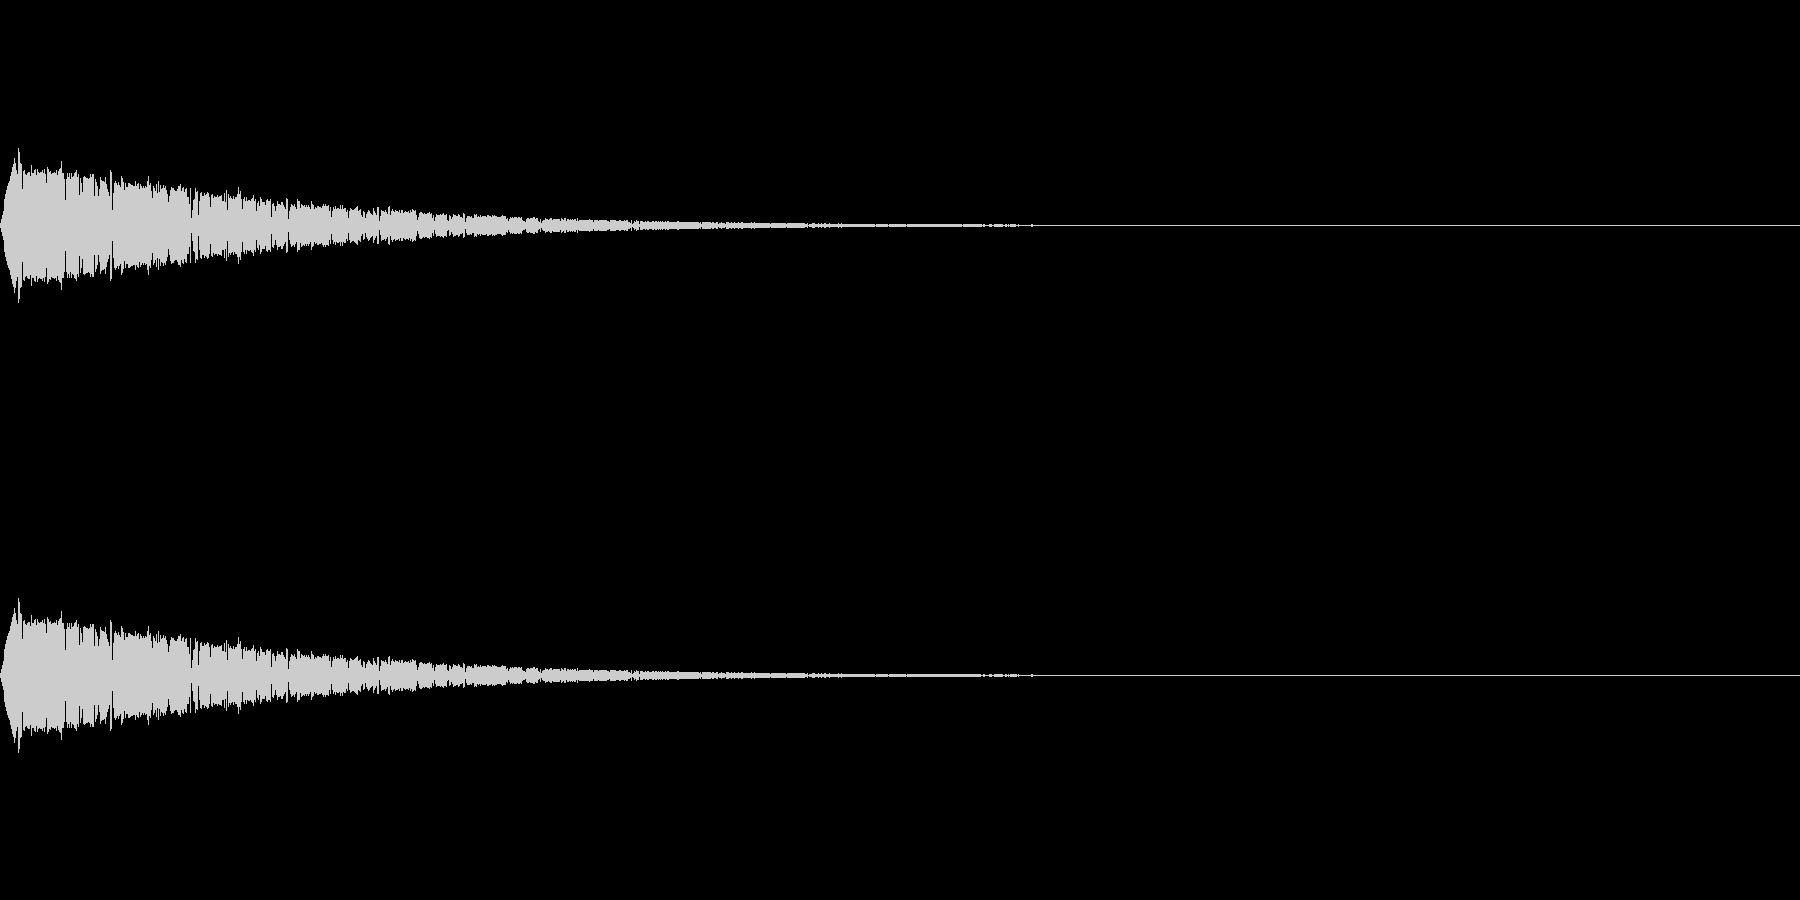 スプリングの様な跳ねるイメージです。の未再生の波形